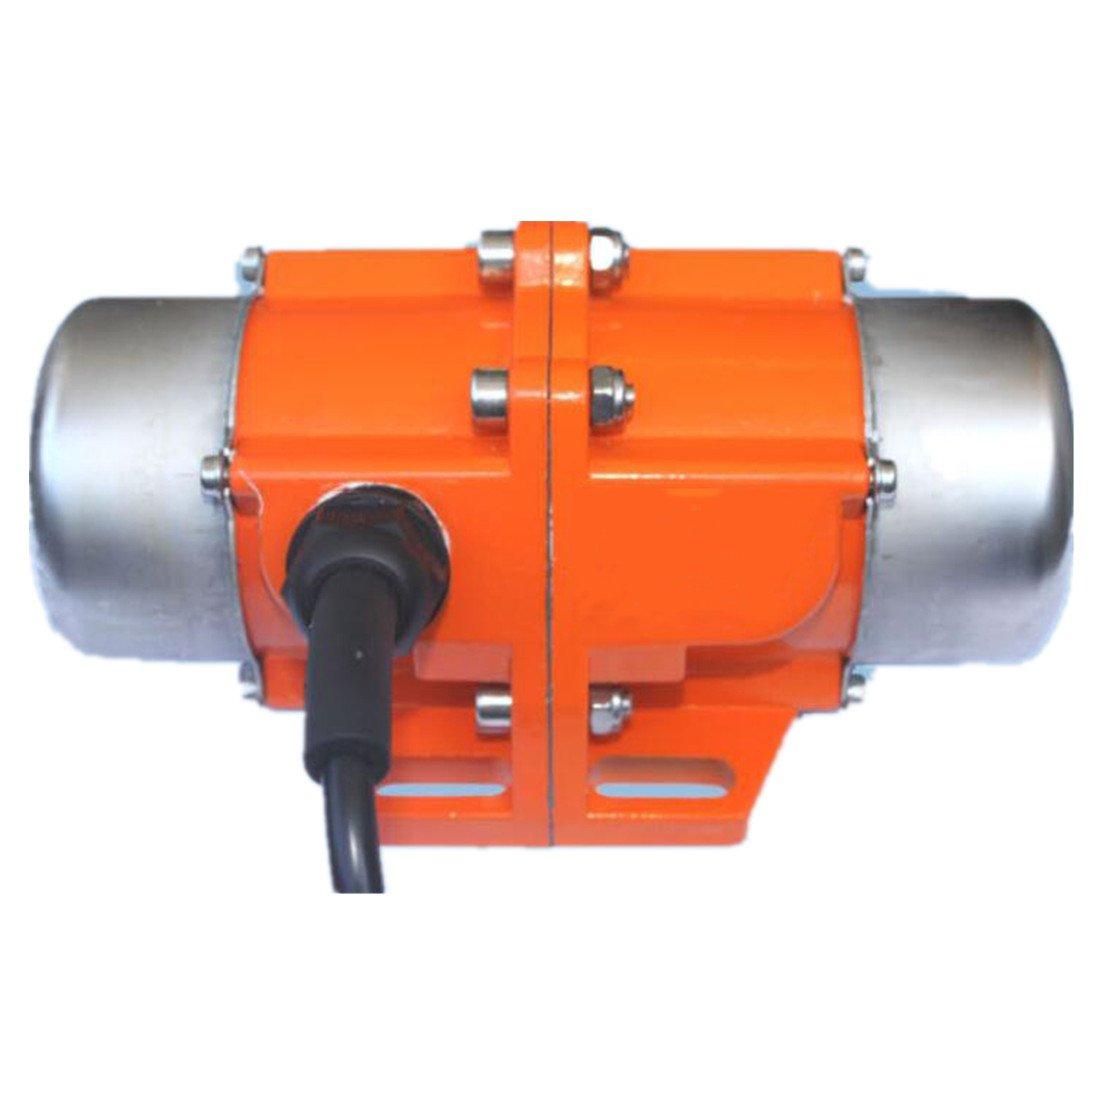 Concrete Vibrator Vibration Motor 100W AC110V Aluminum Alloy Vibrating Vibrator Motor 3600rpm (70W)